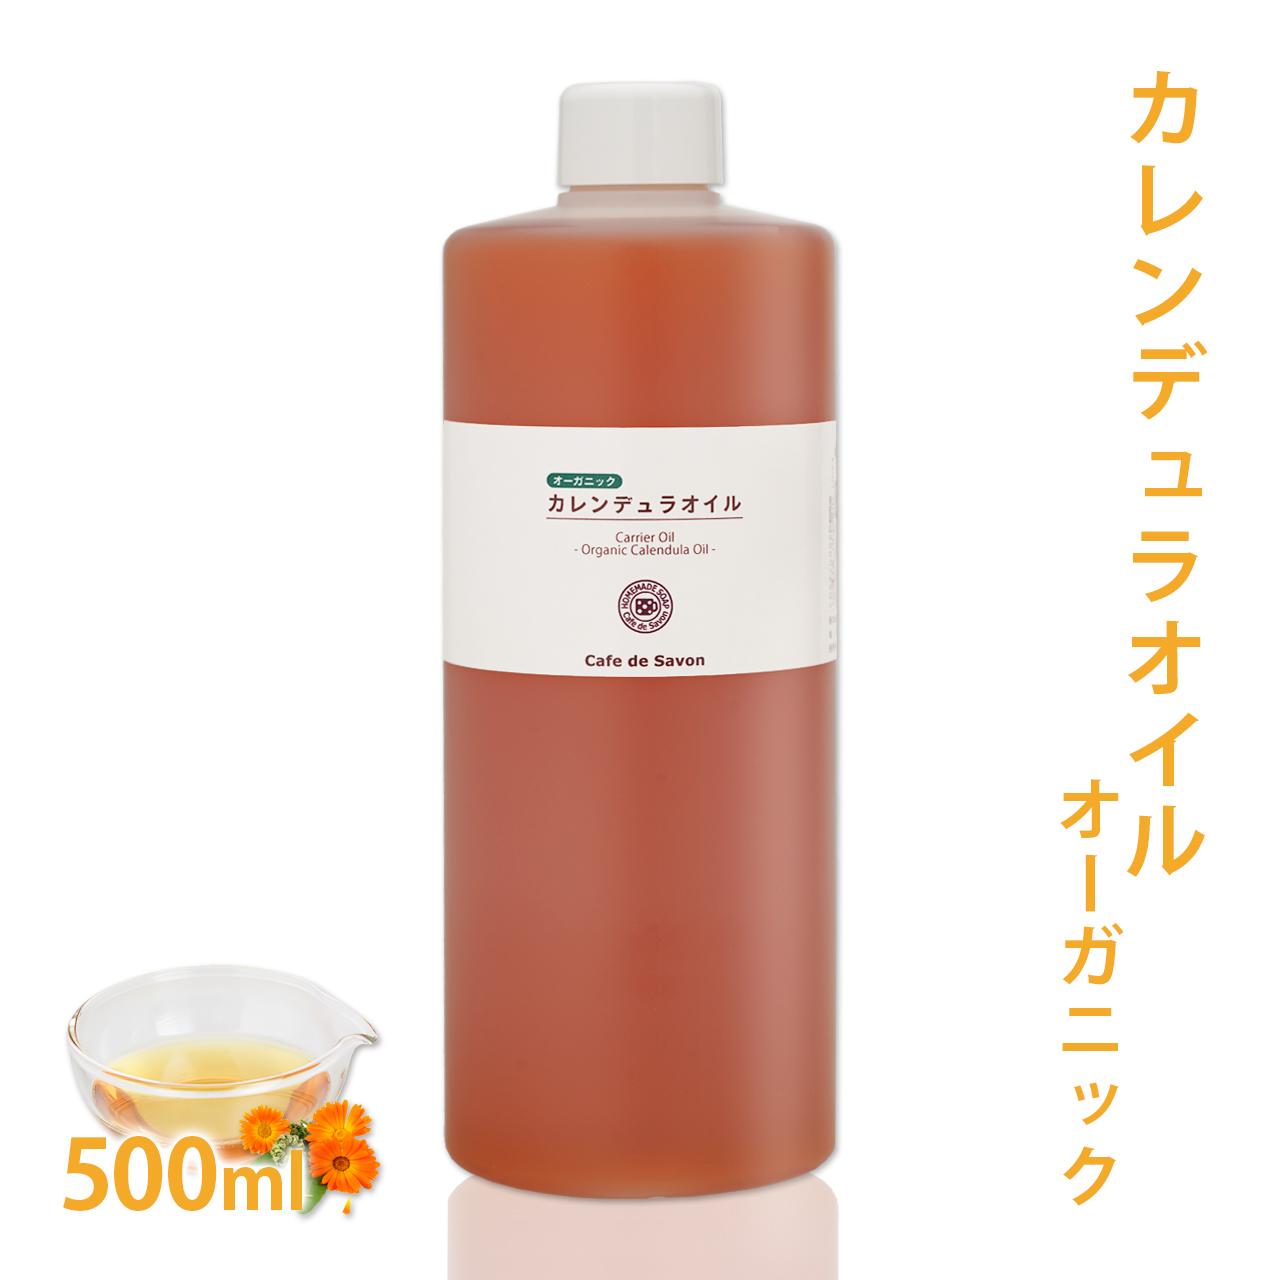 オーガニック カレンデュラオイル [マリーゴールド抽出油]500ml